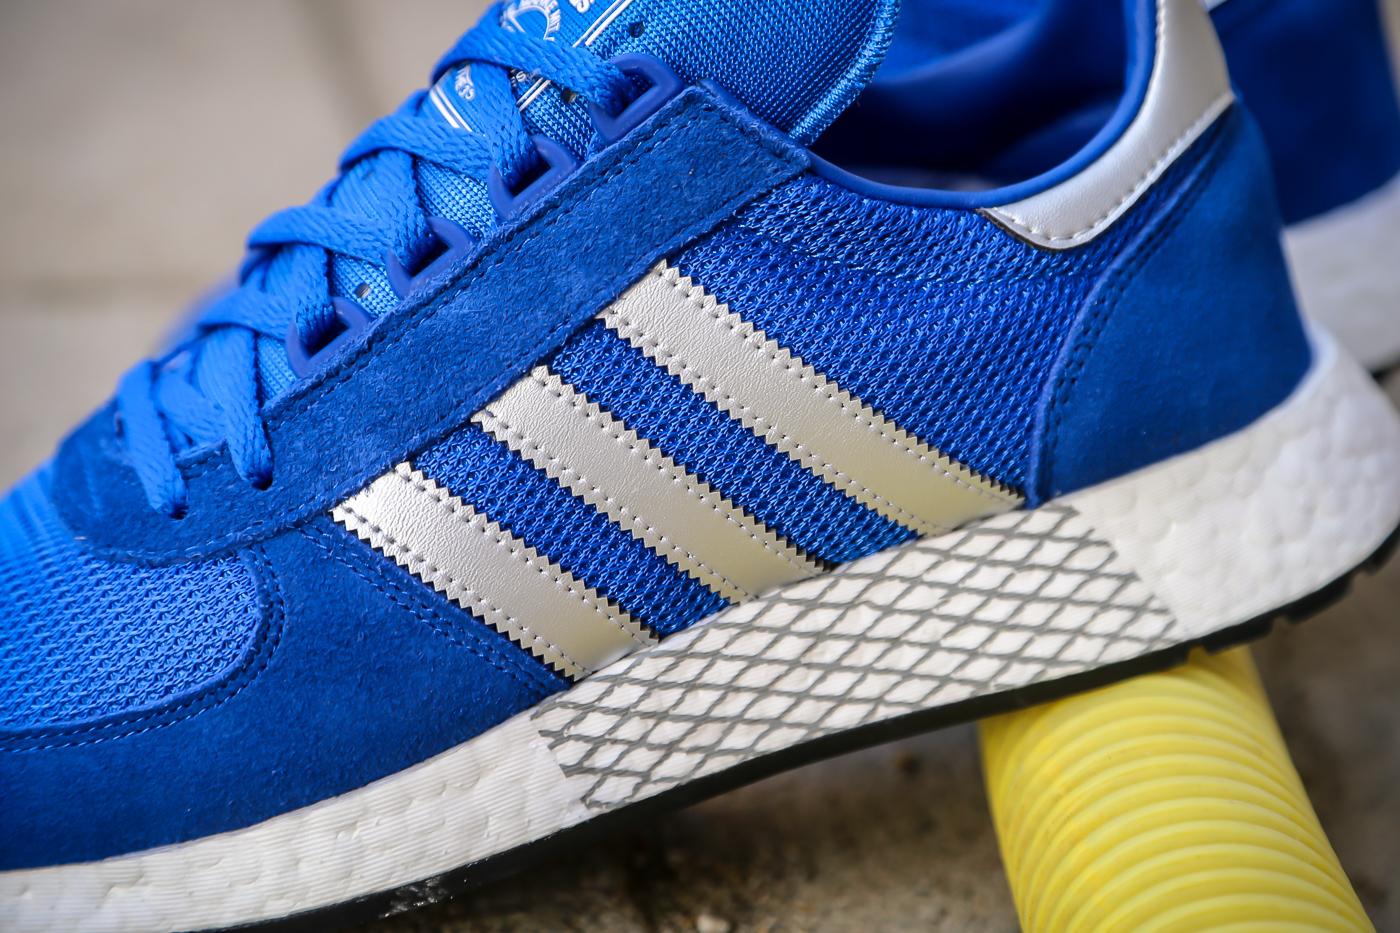 adidas Originals Marathon x 5923 Blue Silver Metallic Collegiate Royal